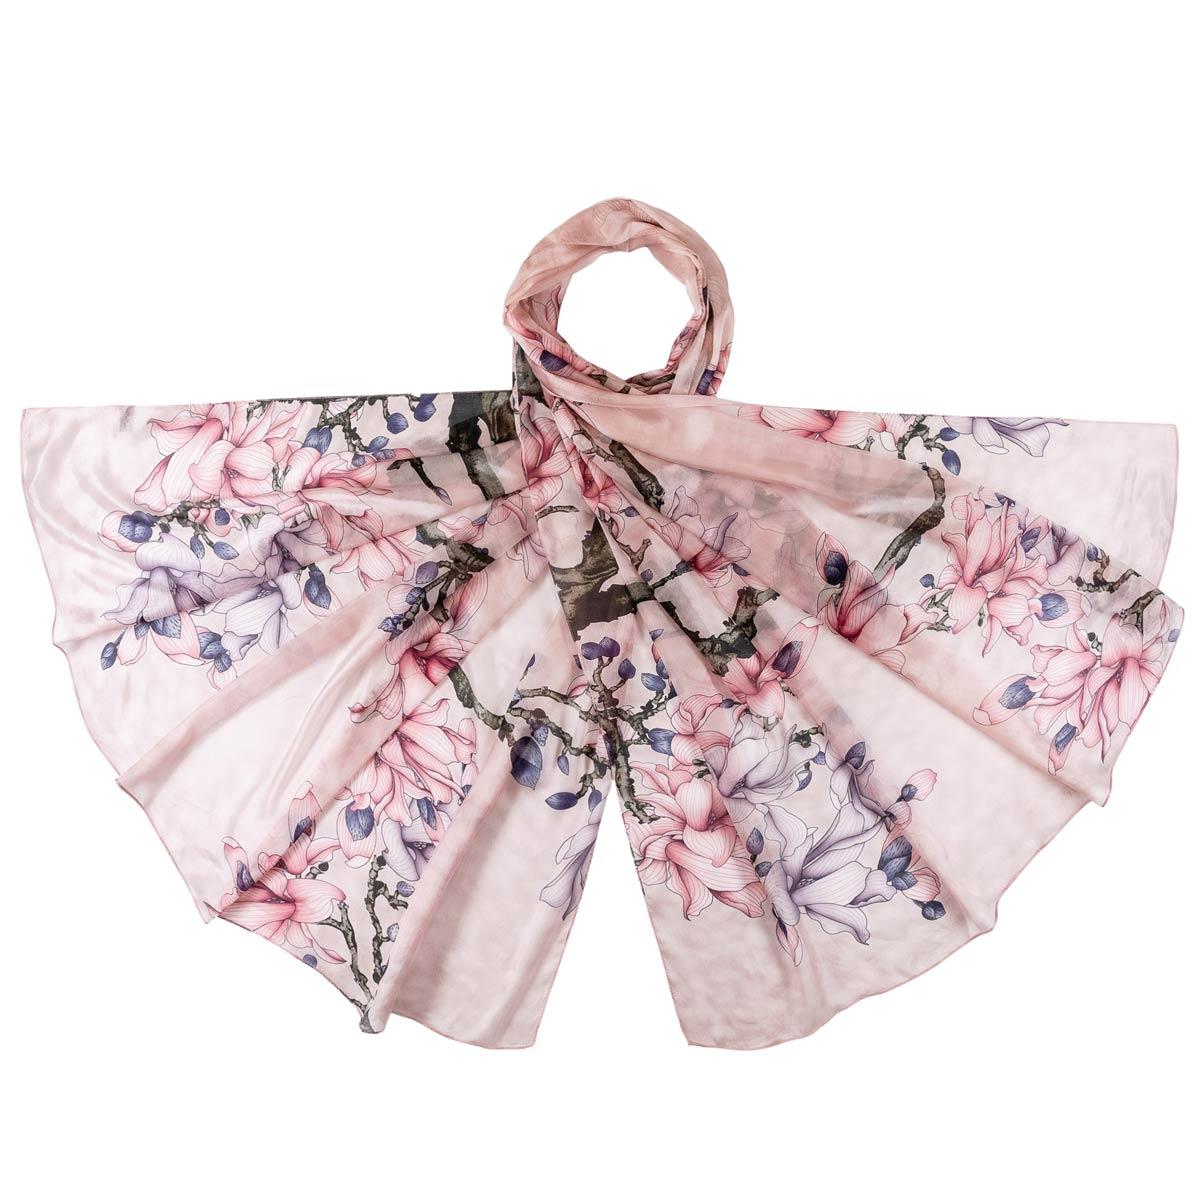 AT-06341-F12-etoel-fine-soie-rose-magnolias